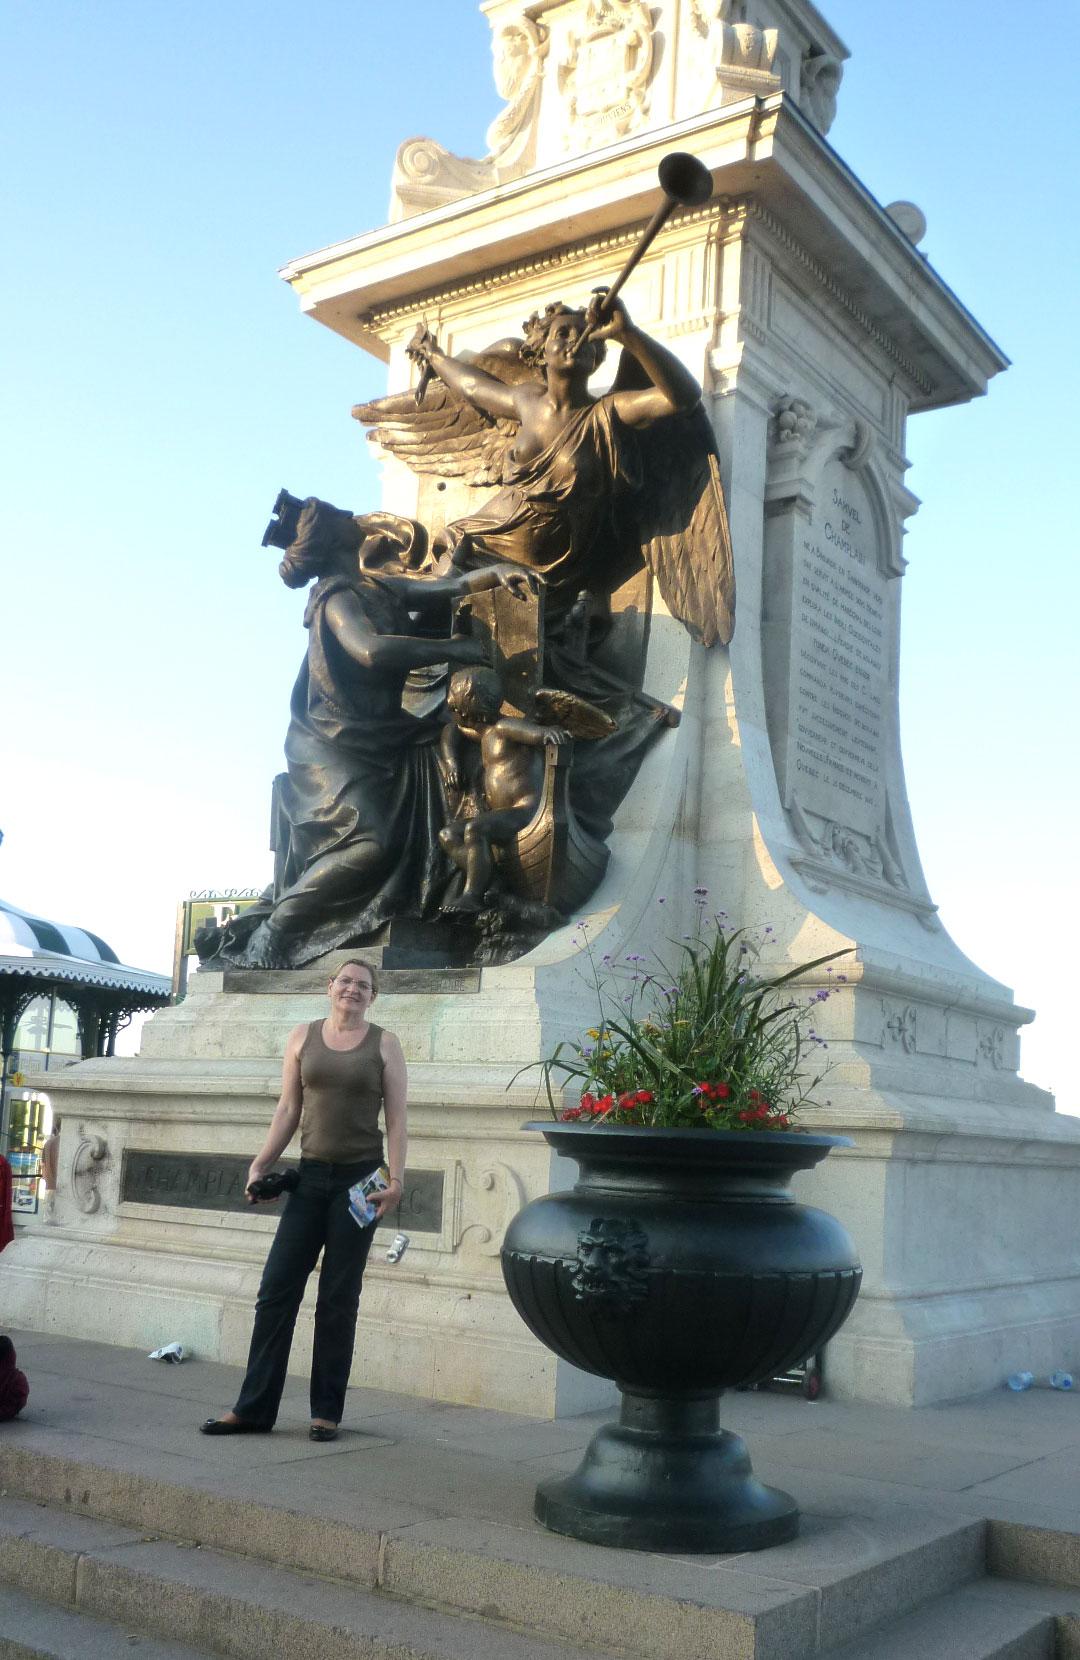 Quebec é a capital da Província. Tem por isso palácios oficiais, bonitos por fora e luxuosos por dentro.